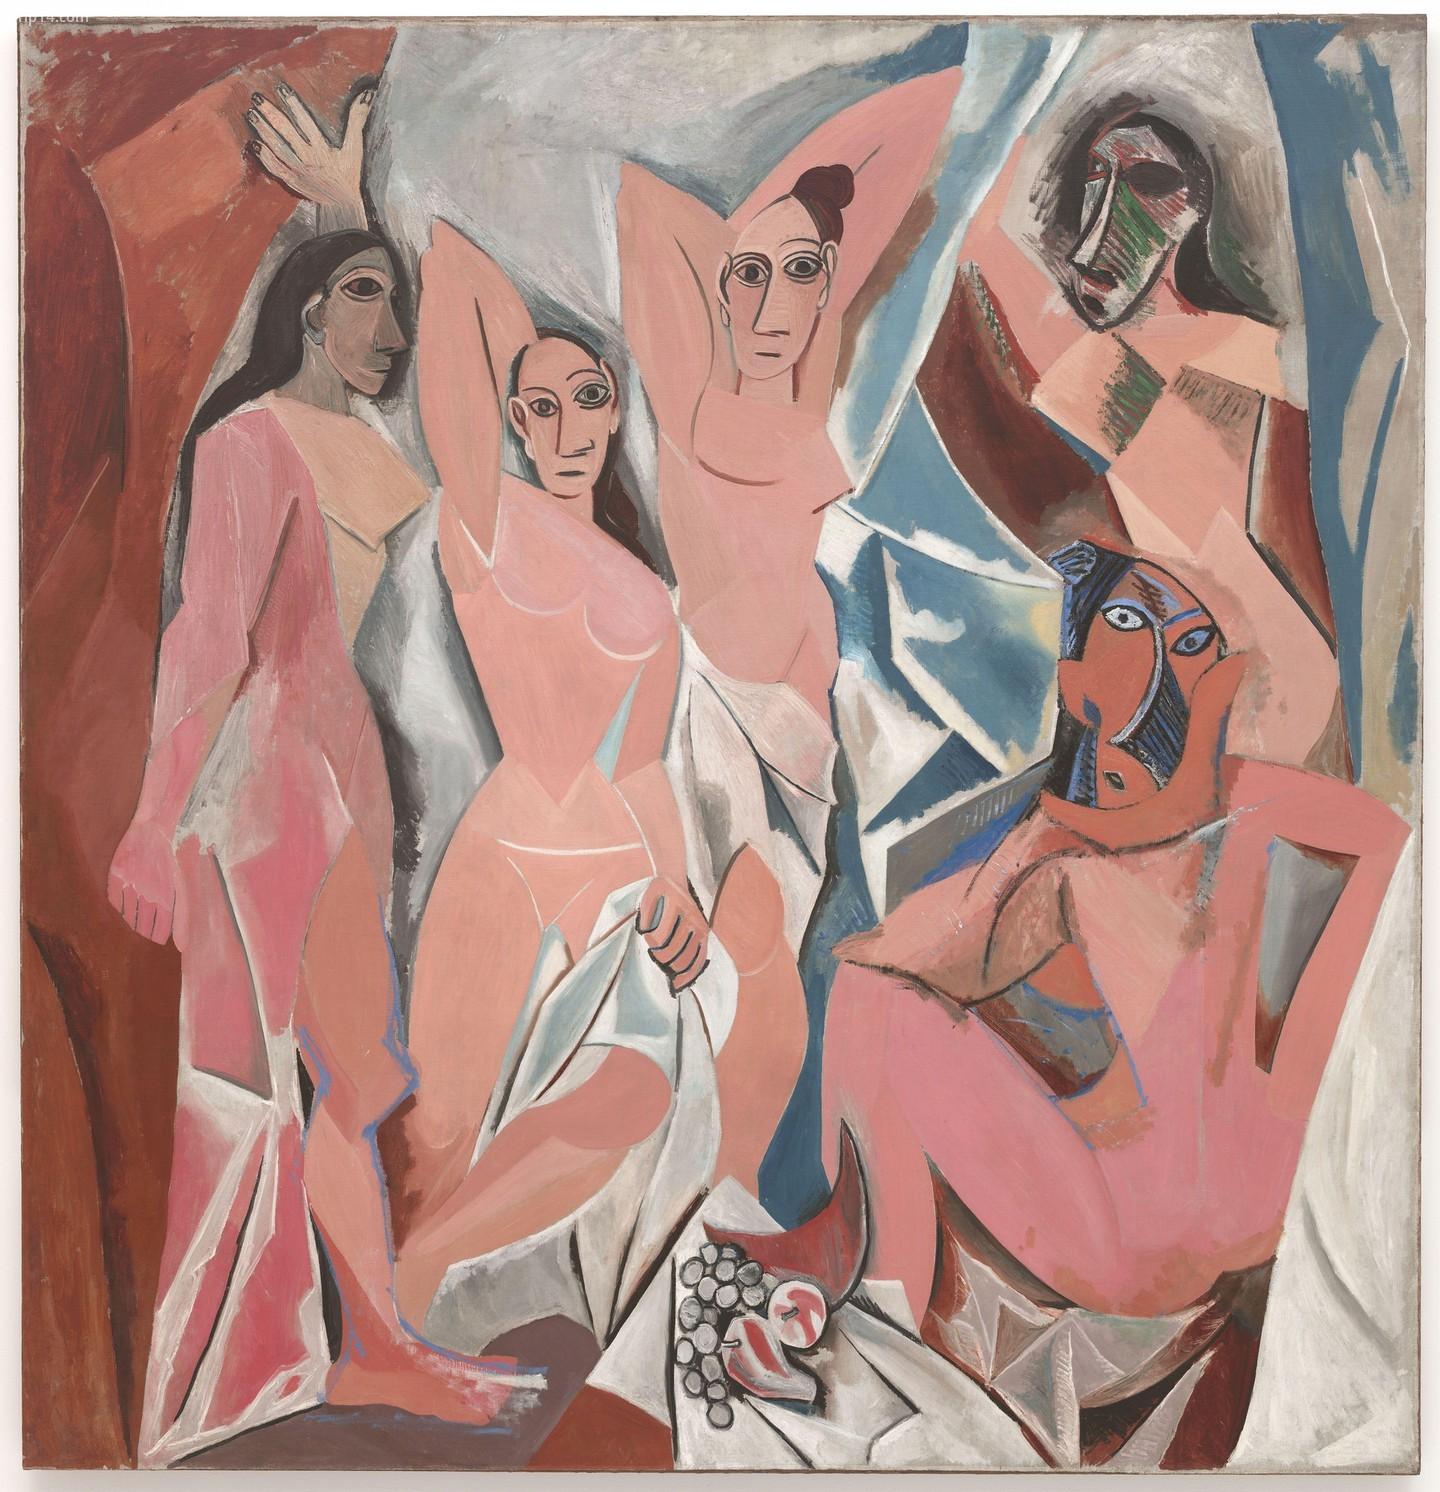 Les Demoiselles d'Avignon của Picasso    